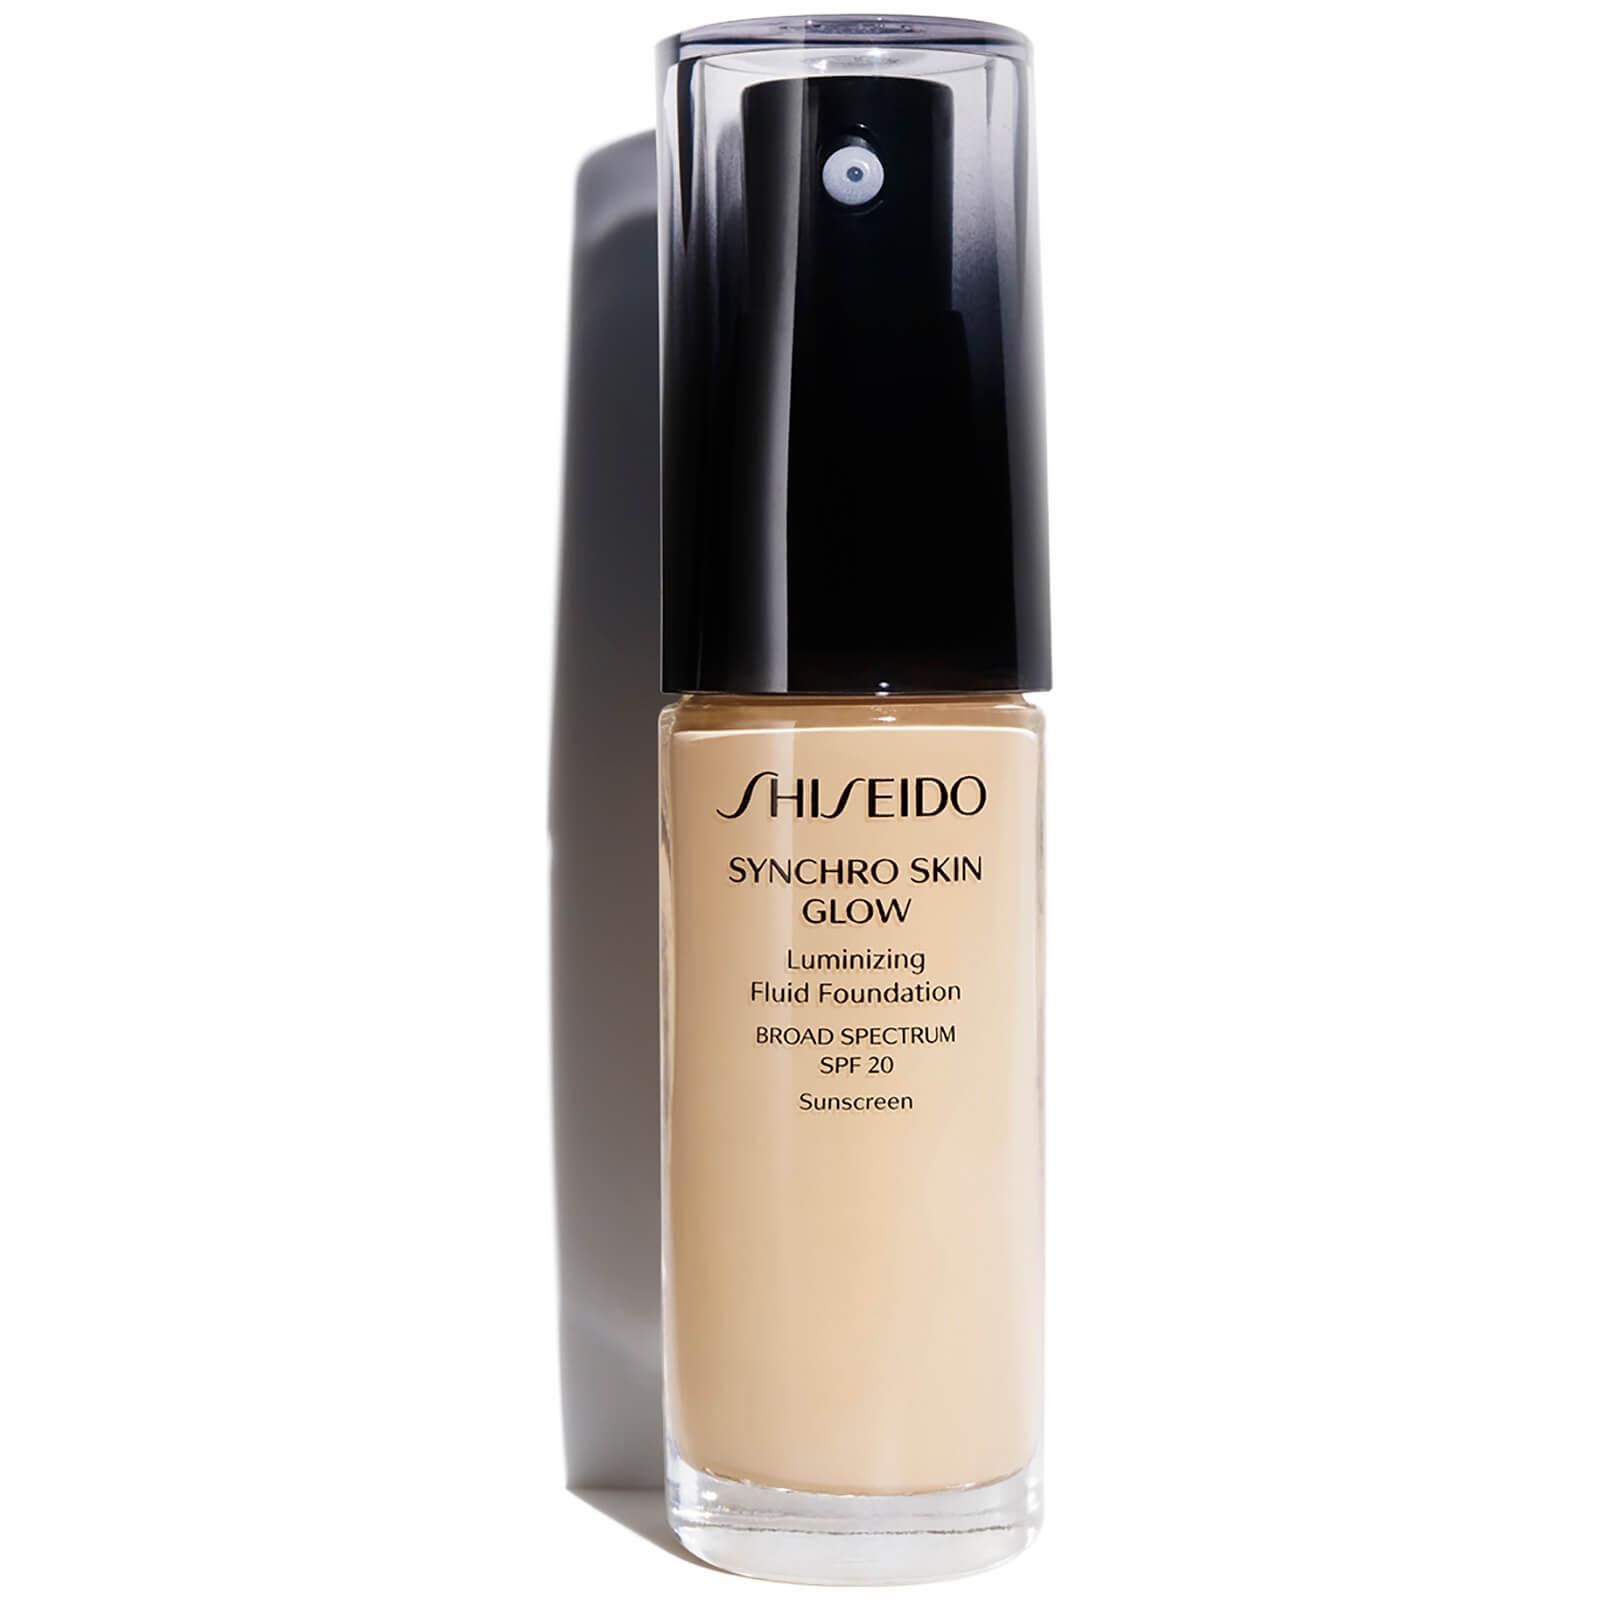 Тональное средство с эффектом естественного сияния Shiseido Synchro Skin Glow Luminizing Foundation 30 мл (различные оттенки) - Golden 2